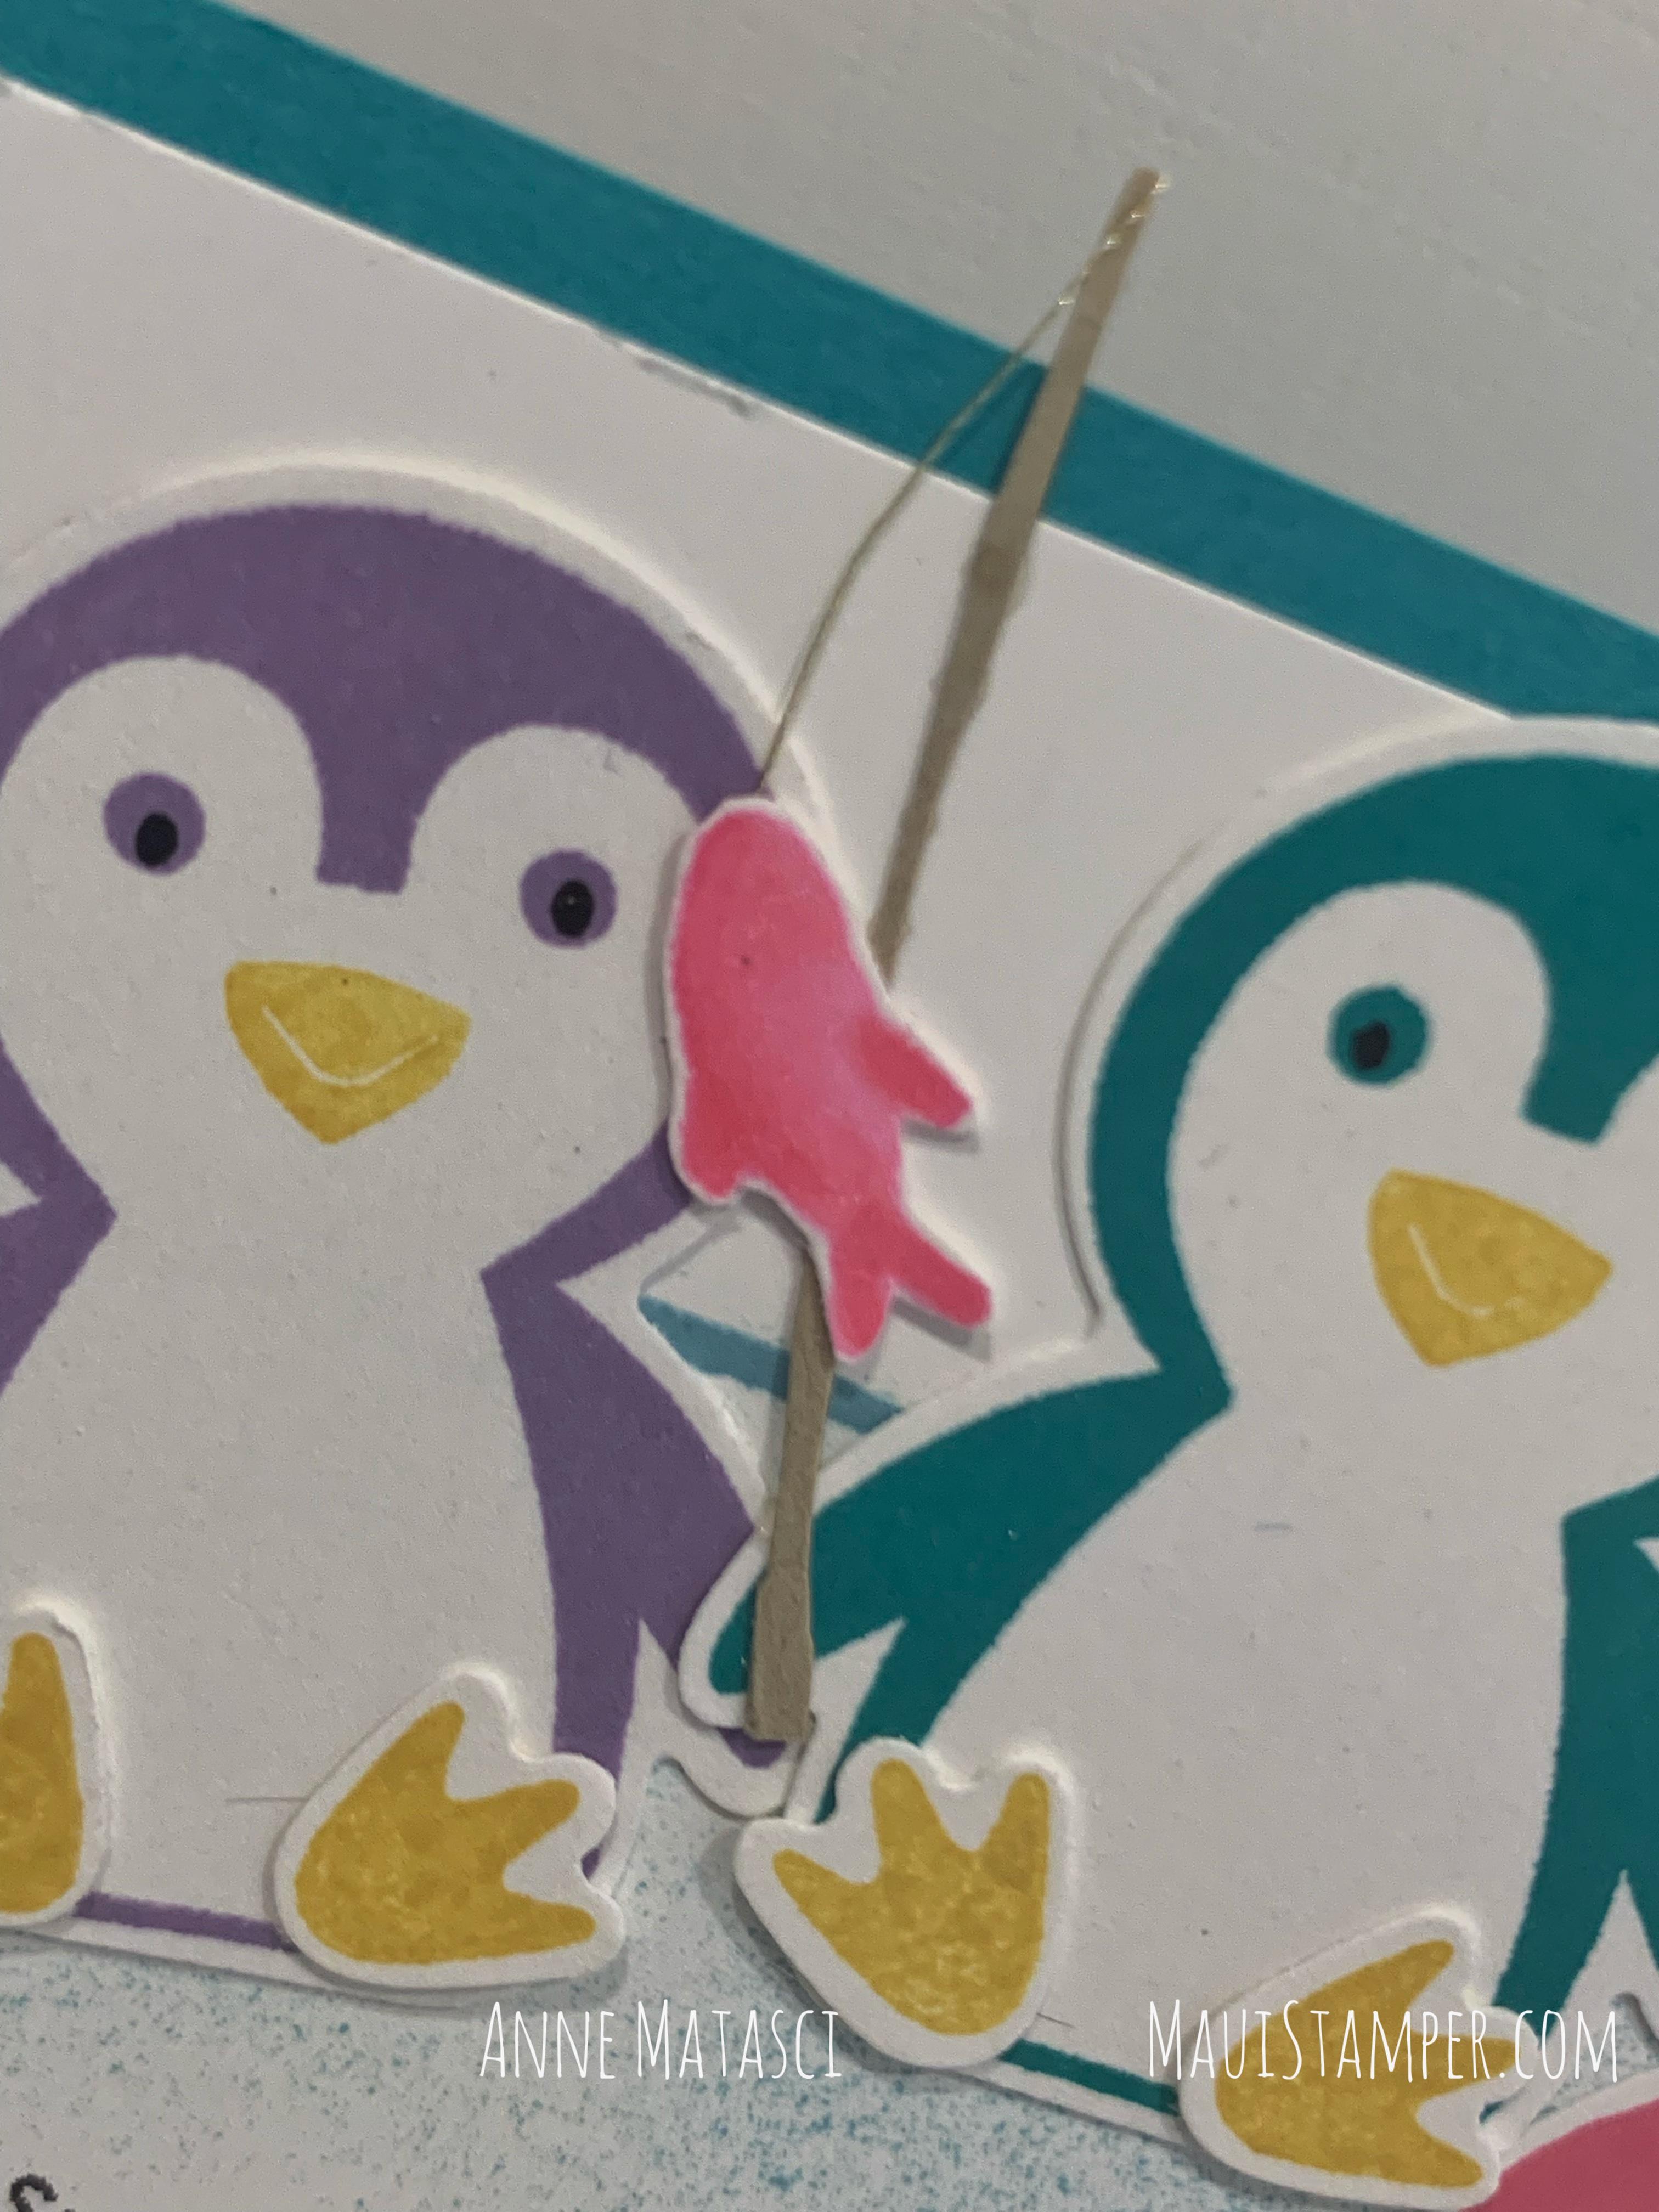 Maui Stamper Stampin Up August 2021 DIY Easel Calendar Penguin Place